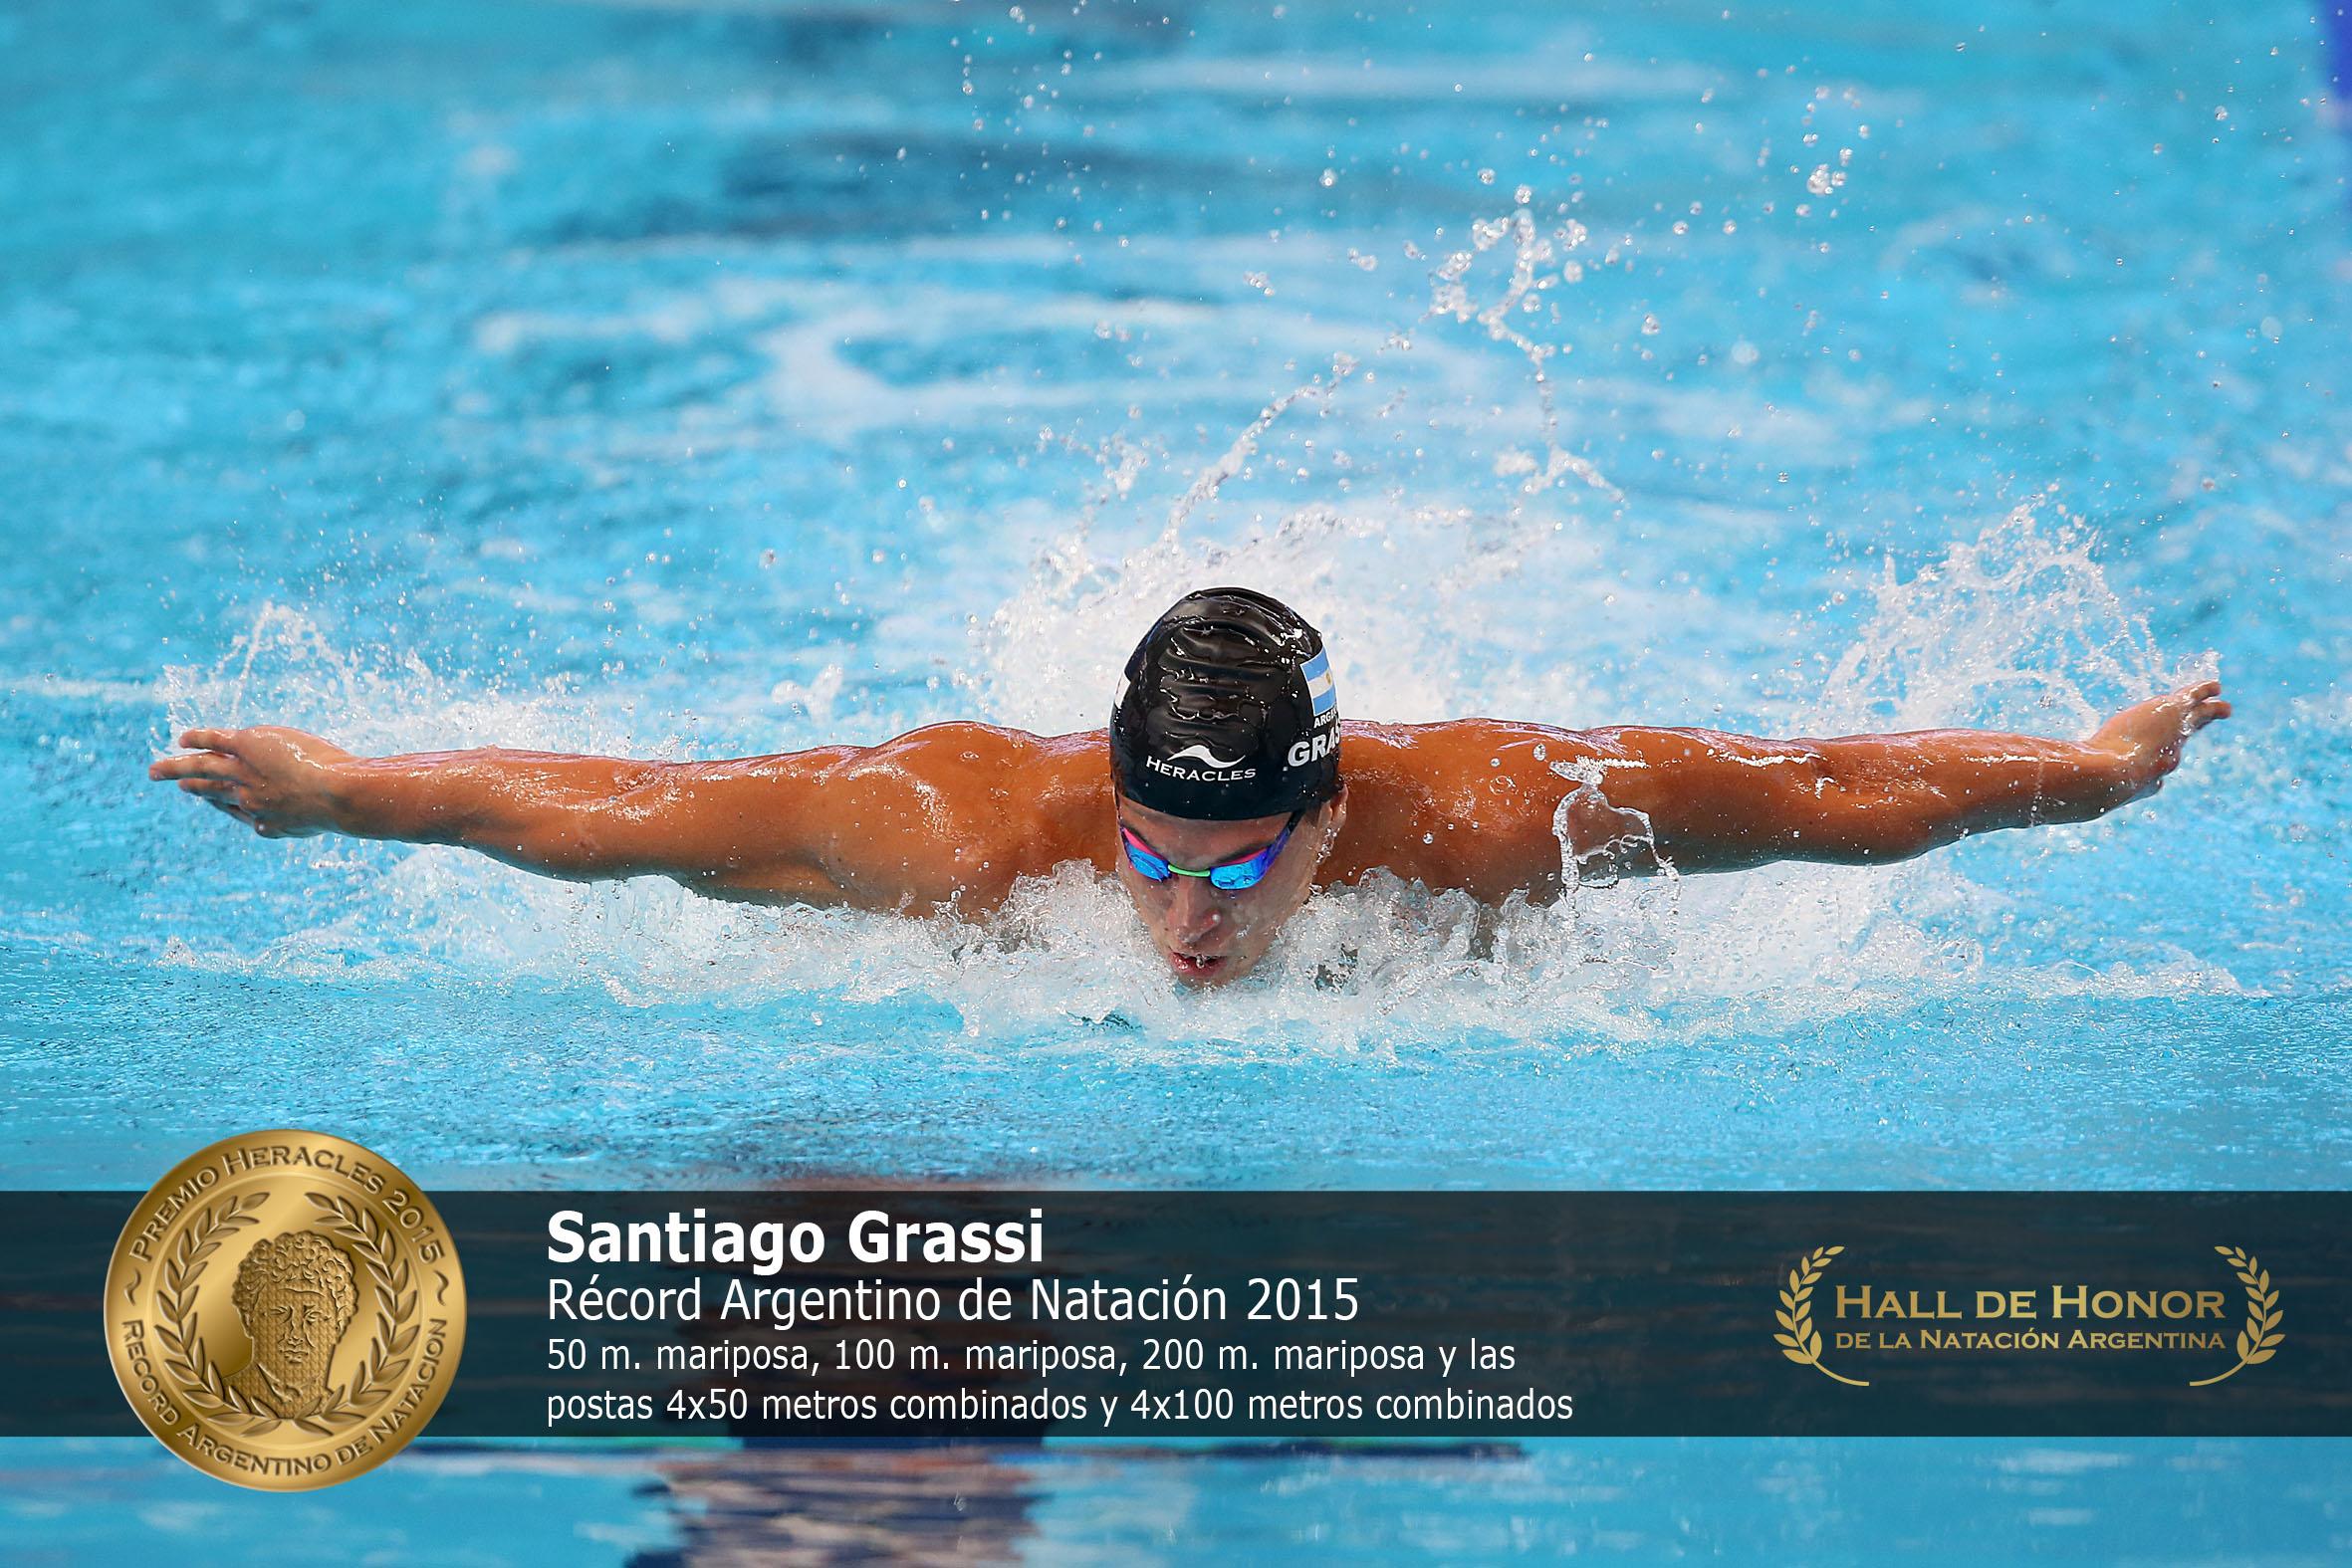 Santiago Grassi